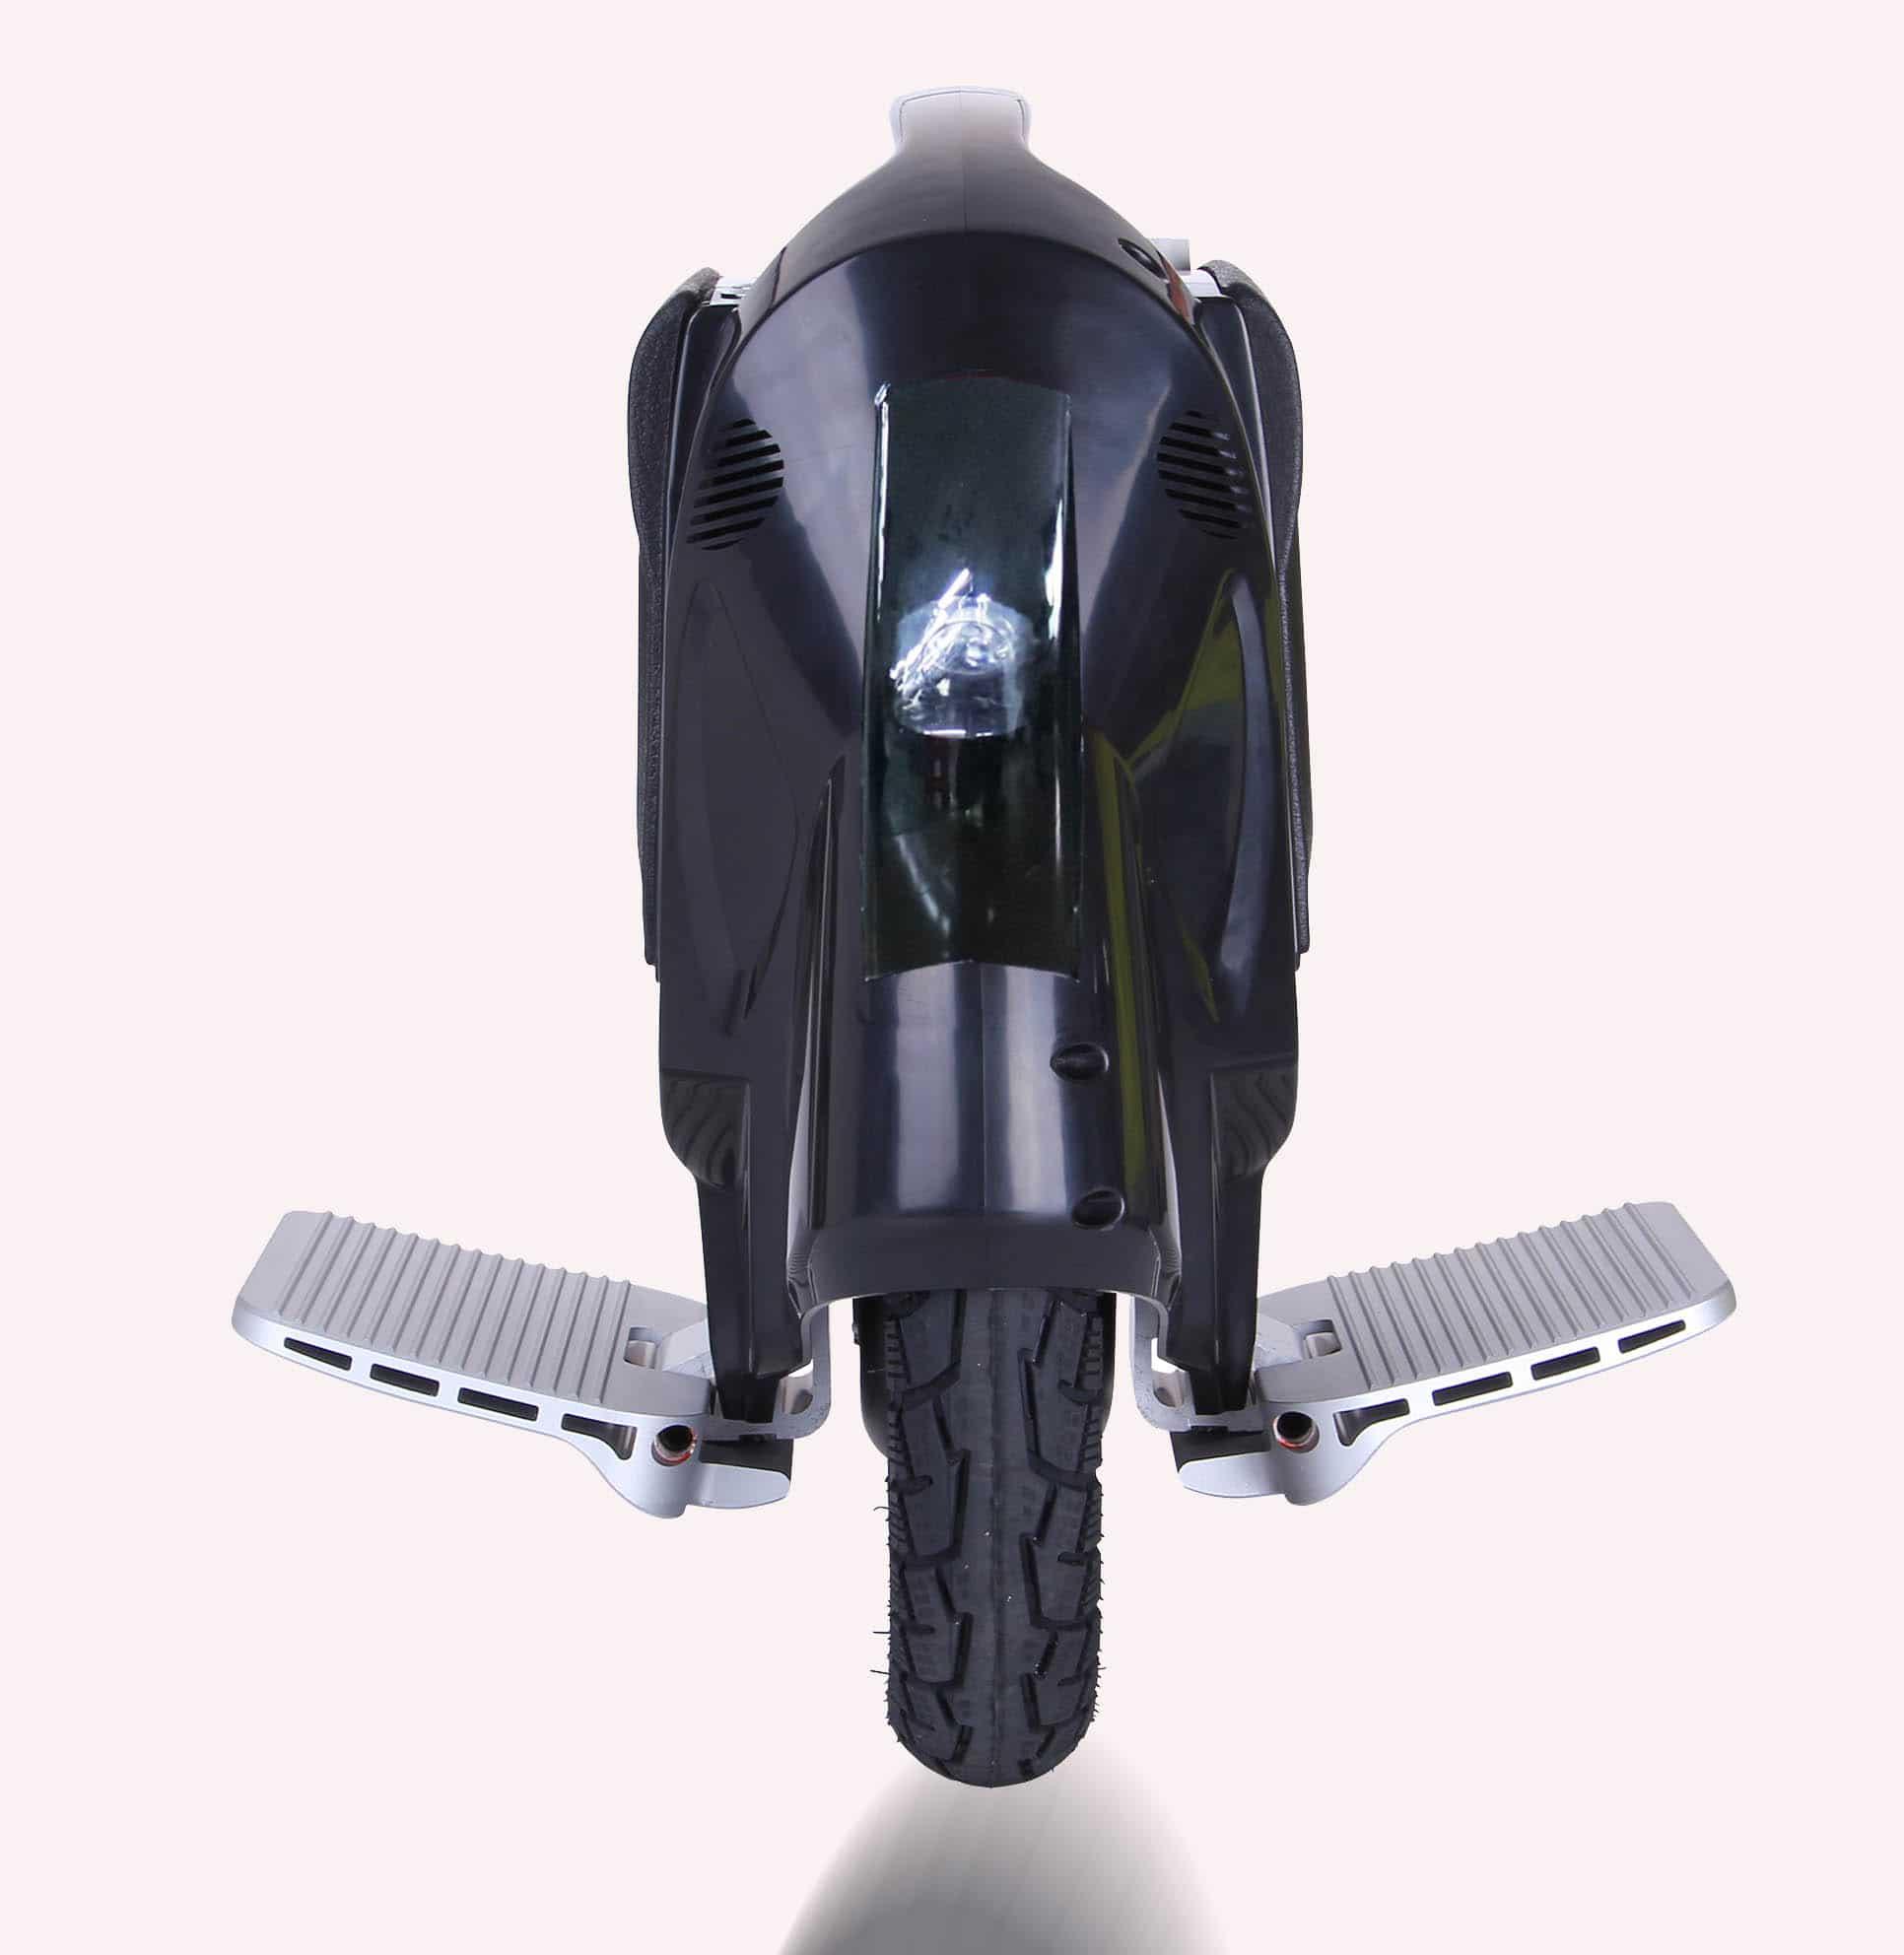 Kingsong KS 14C, roue électrique, gyroroue, mobilité électrique, glisse urbaine